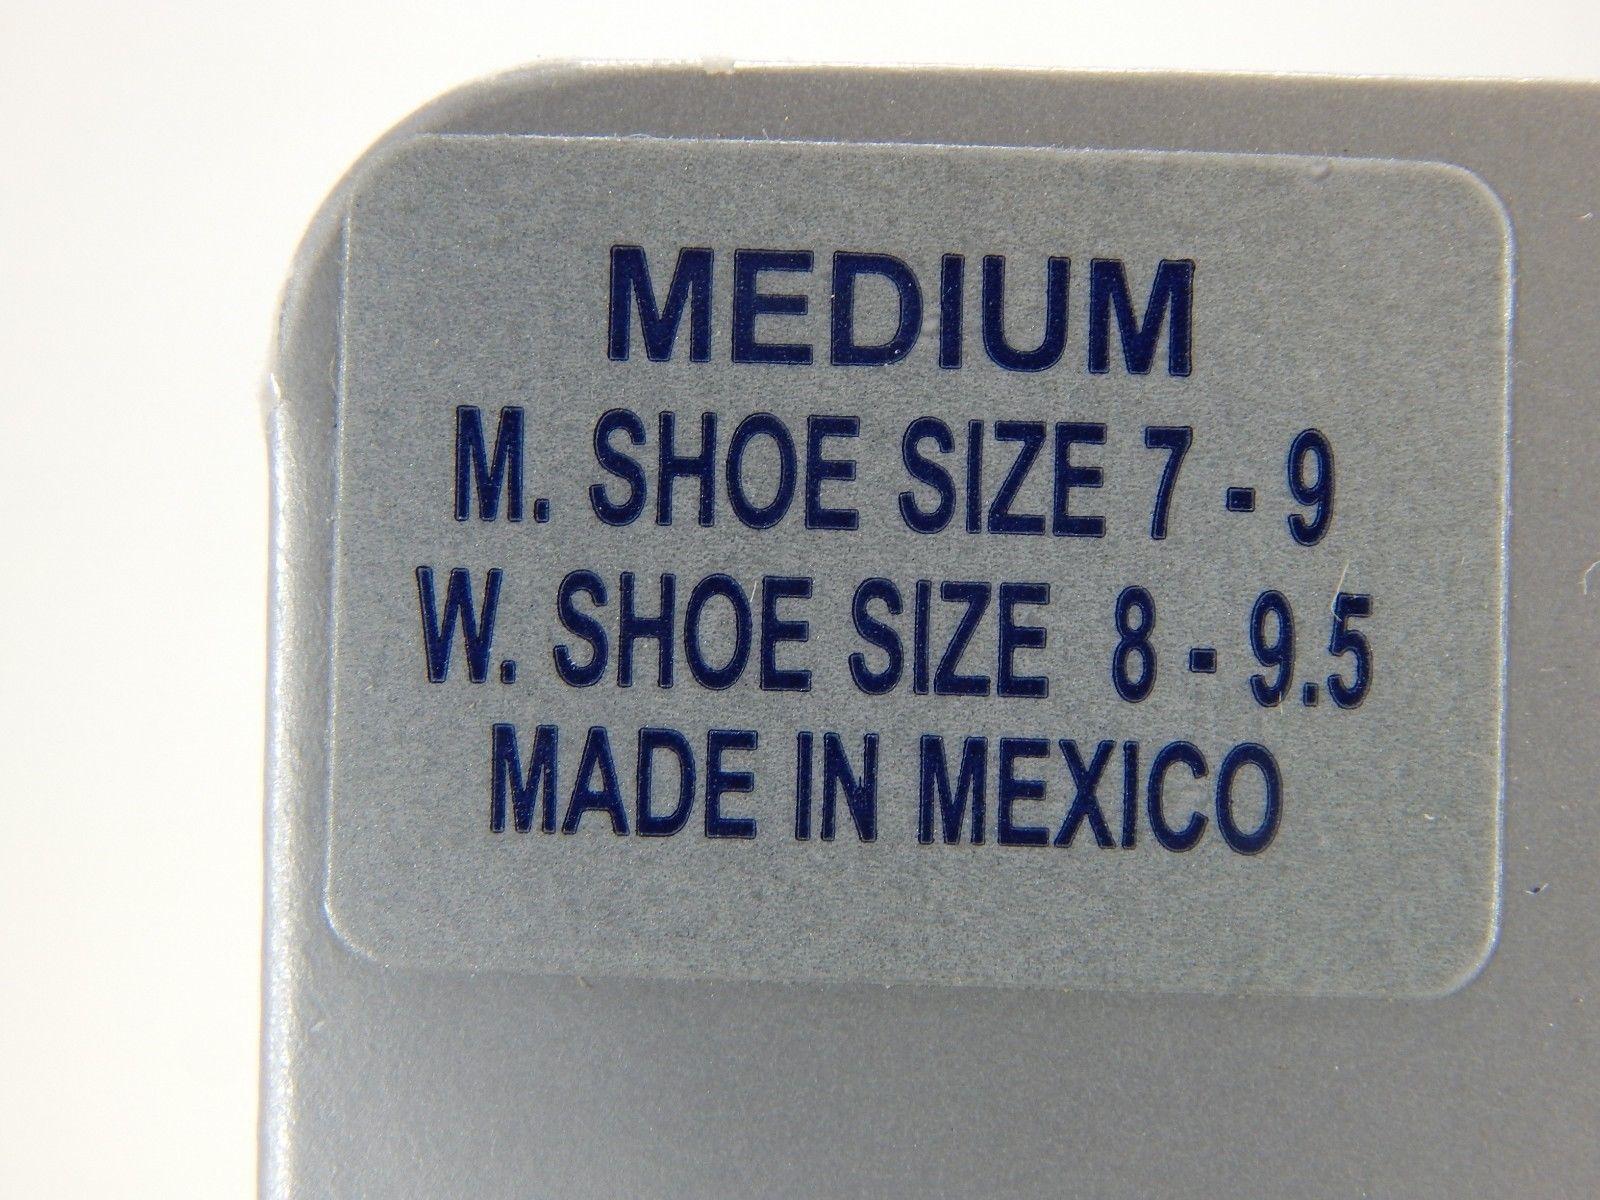 Asics Old School Crew White Socks M Medium Women's Size 8-9.5 Men's Size 7-9